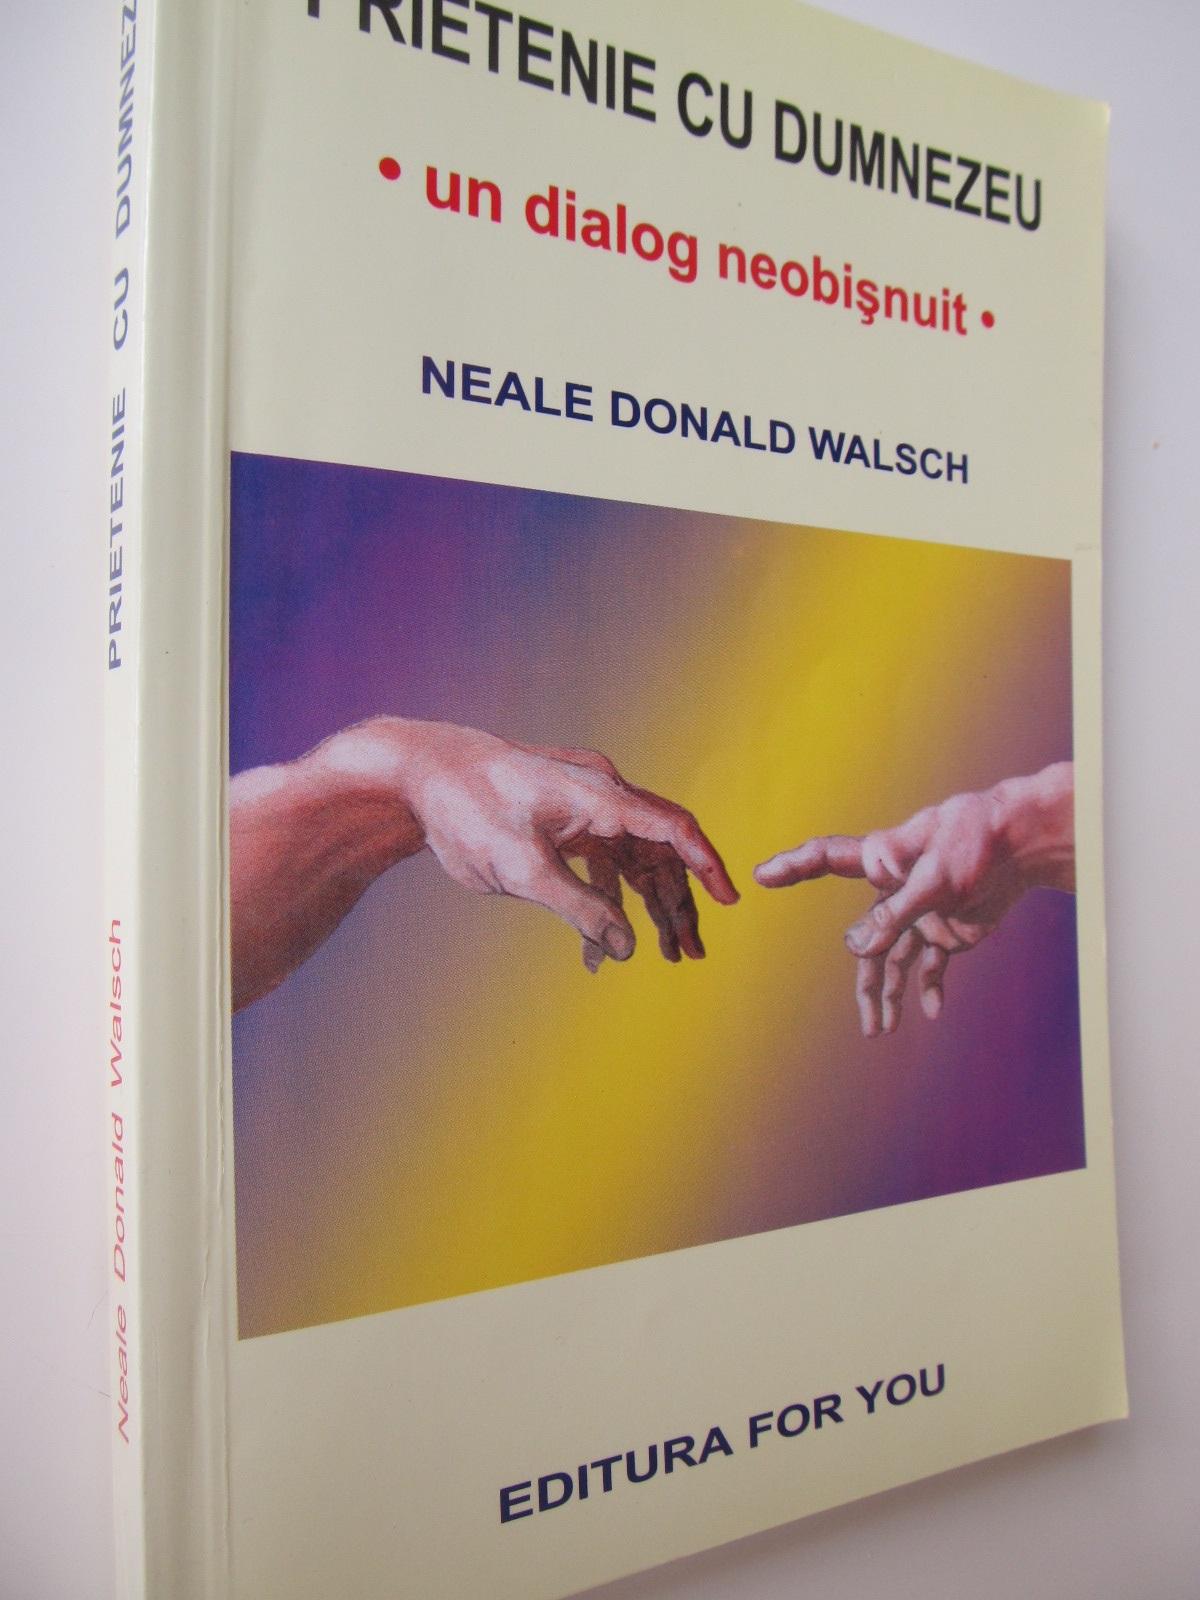 Prietenie cu Dumnezeu - un dialog neobisnuit - Neale Donald Walsch   Detalii carte